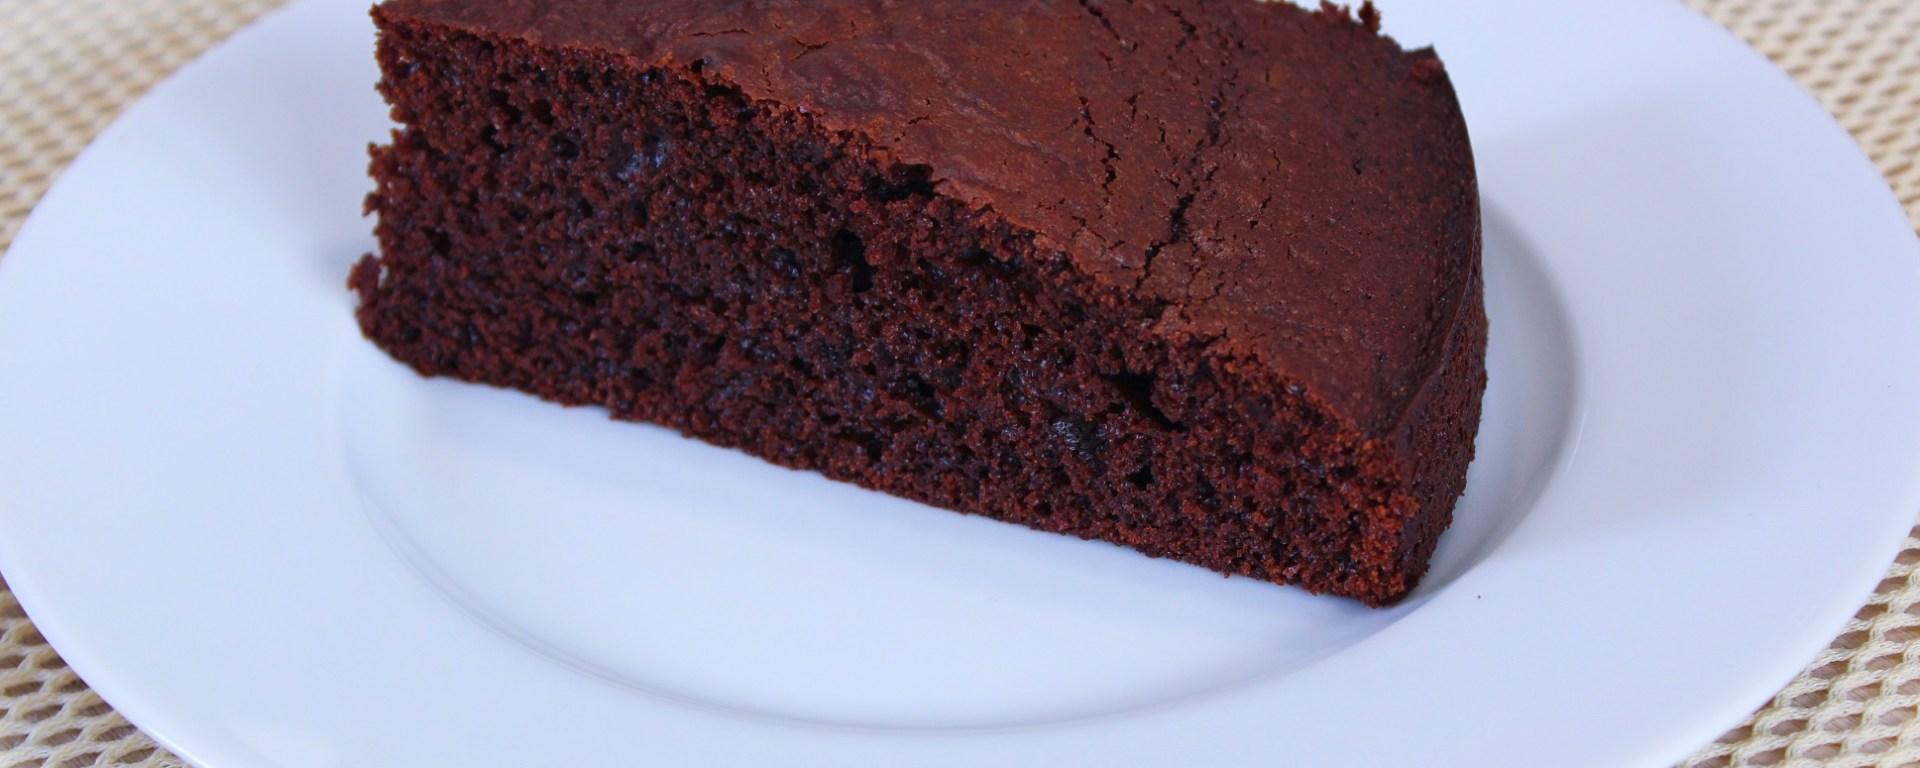 Délicimô ! - Recette du Gâteau Ultra Moelleux et Facile au Chocolat Choco - www.delicimo.fr